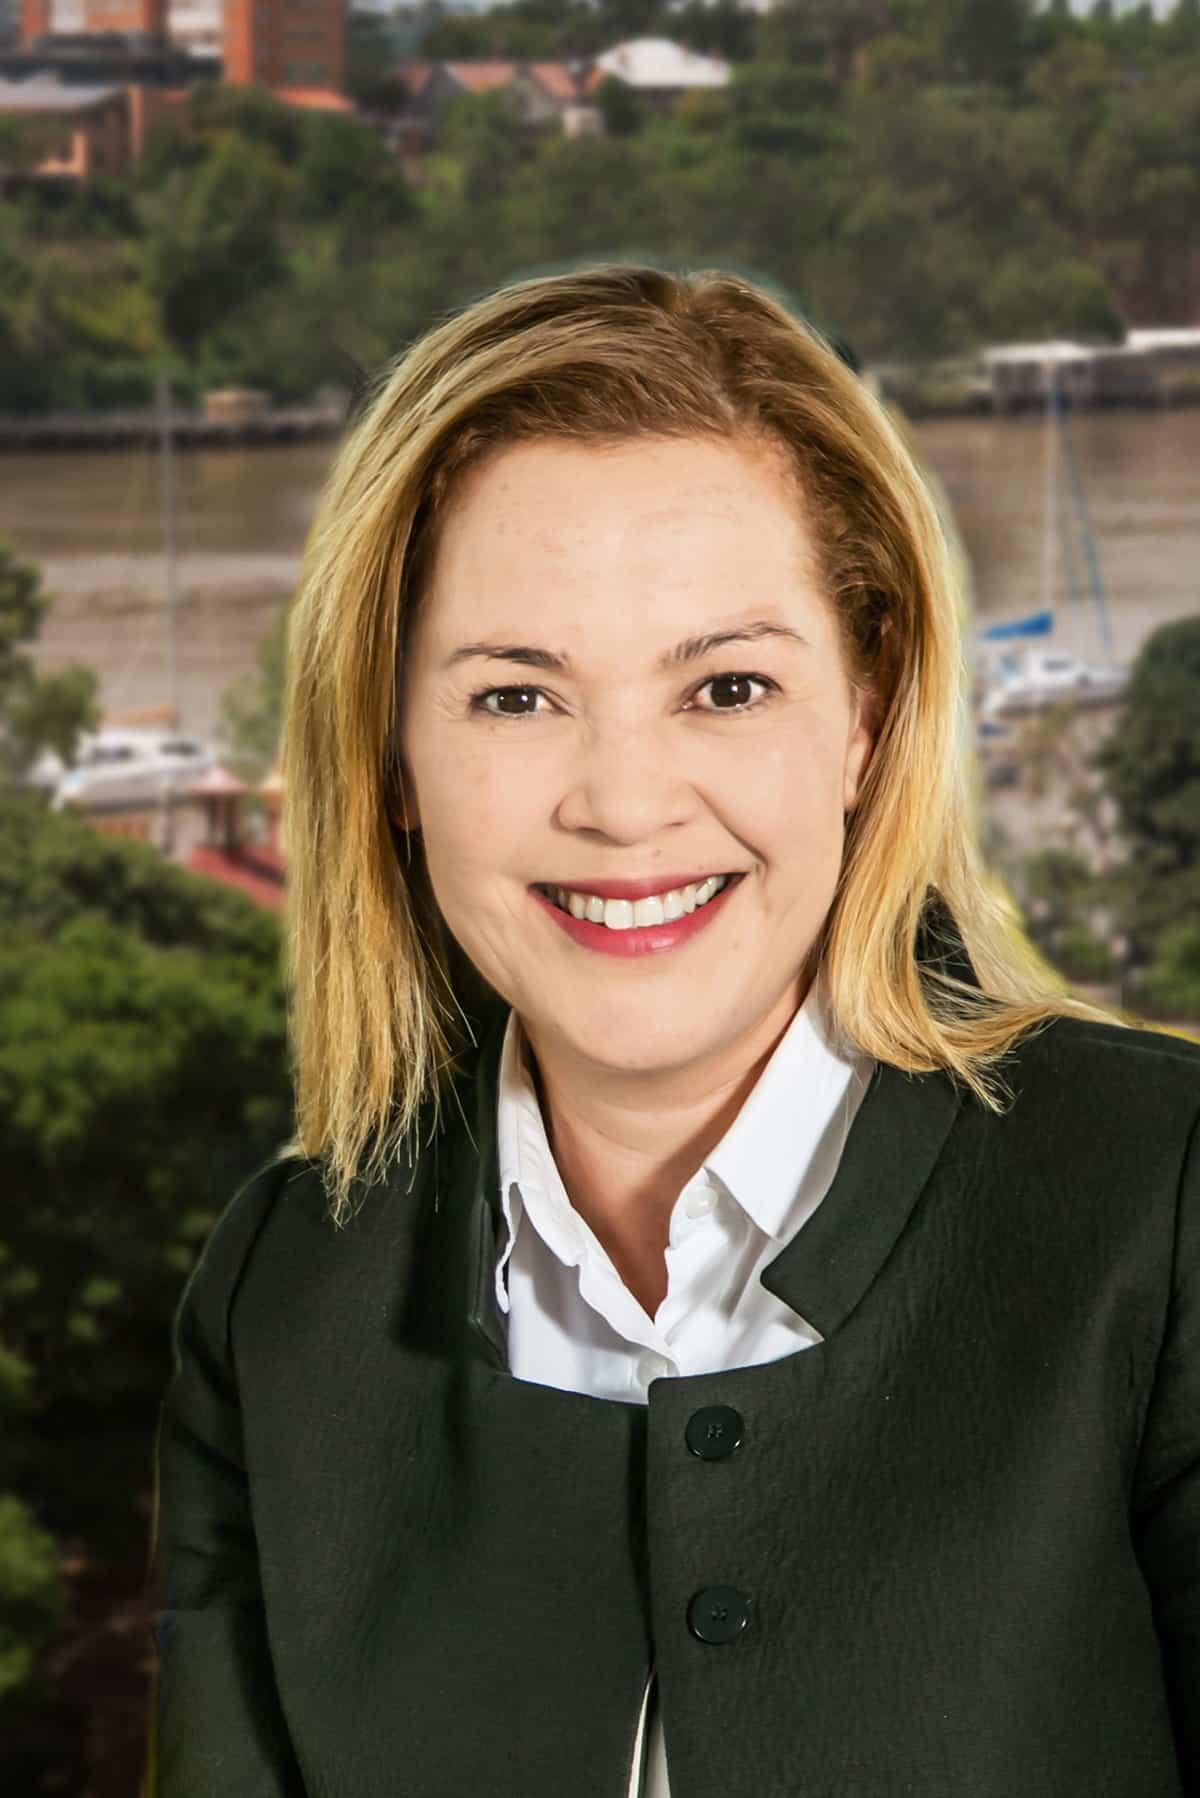 Ingrid Kemp